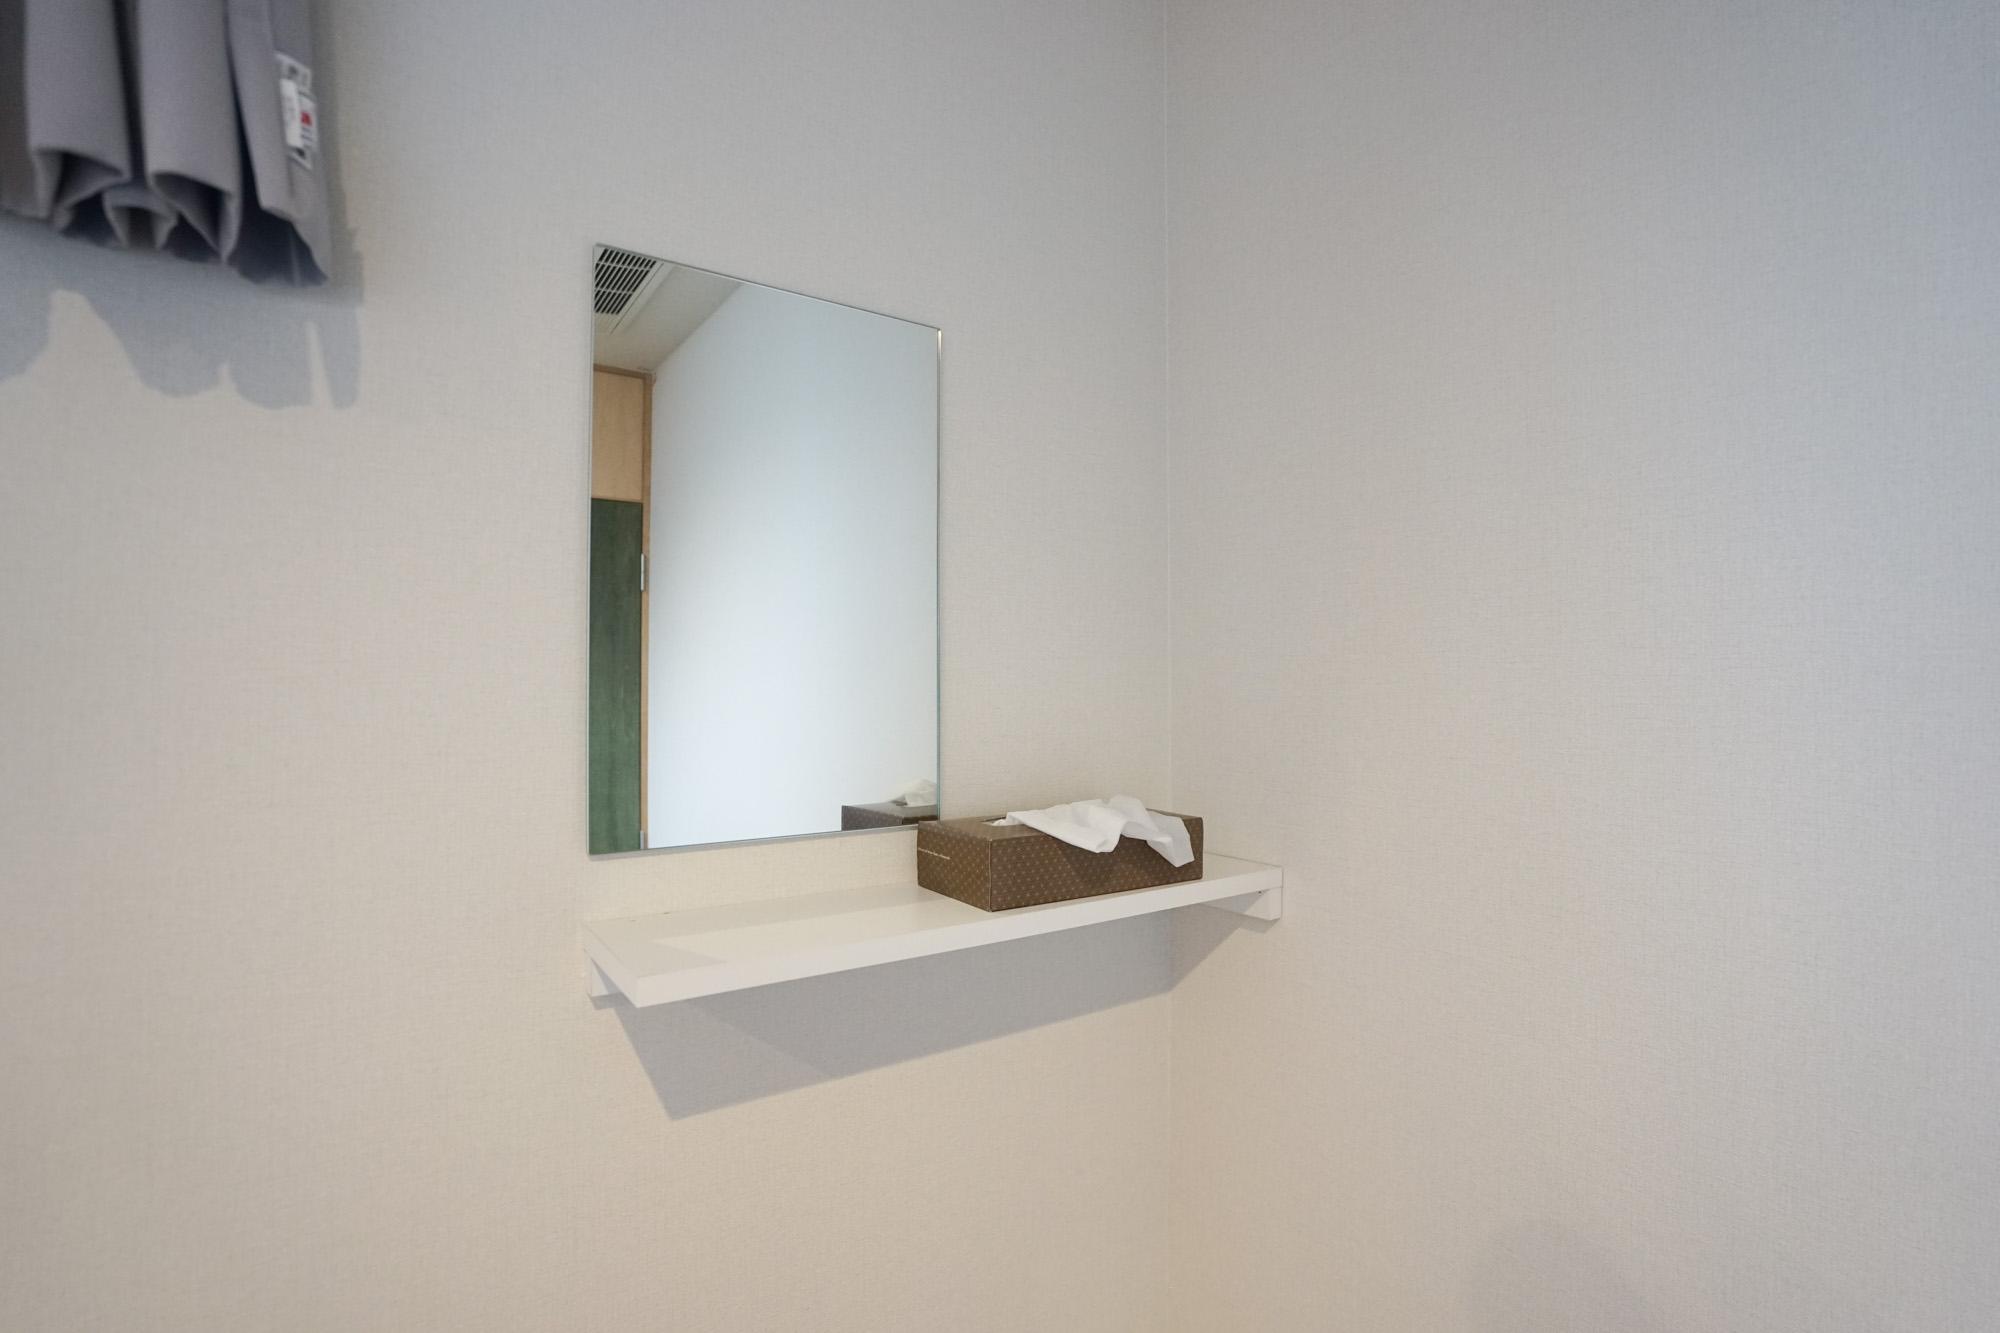 その上には小さな鏡と棚があります。身だしなみはこちらでチェック。